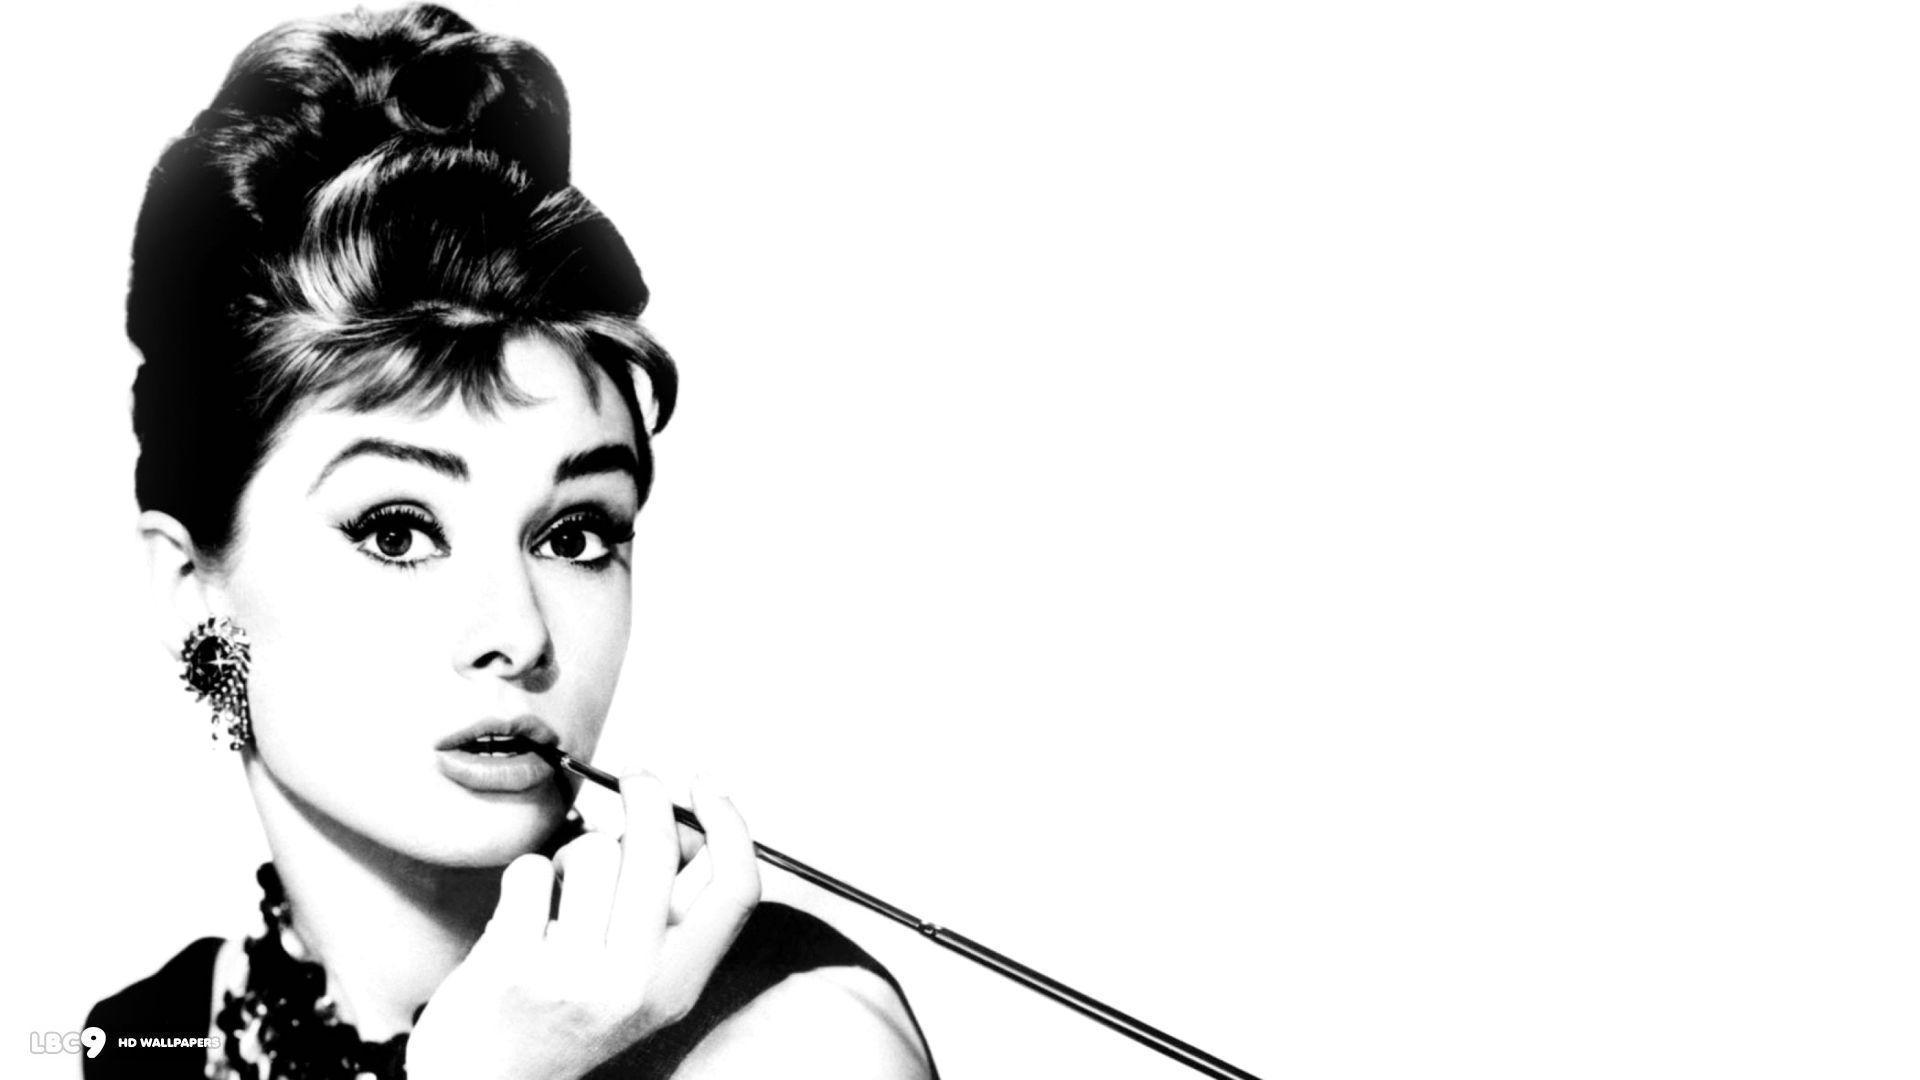 Audrey Hepburn Wallpapers Top Free Audrey Hepburn